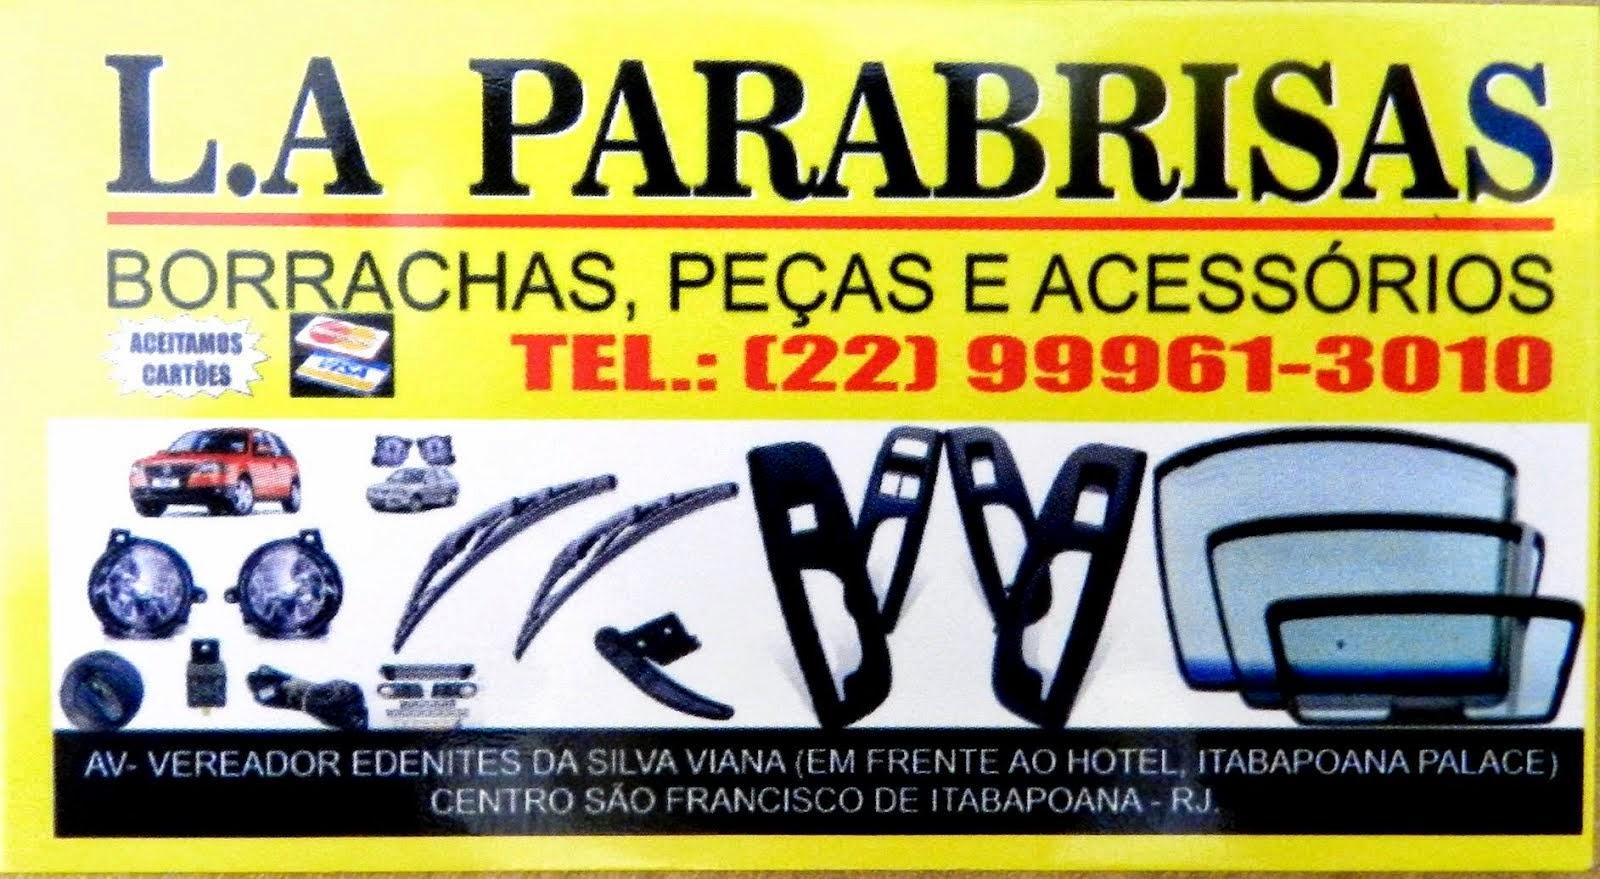 CENTRO EM SÃO FRANCISCO DE ITABAPOANA RJ